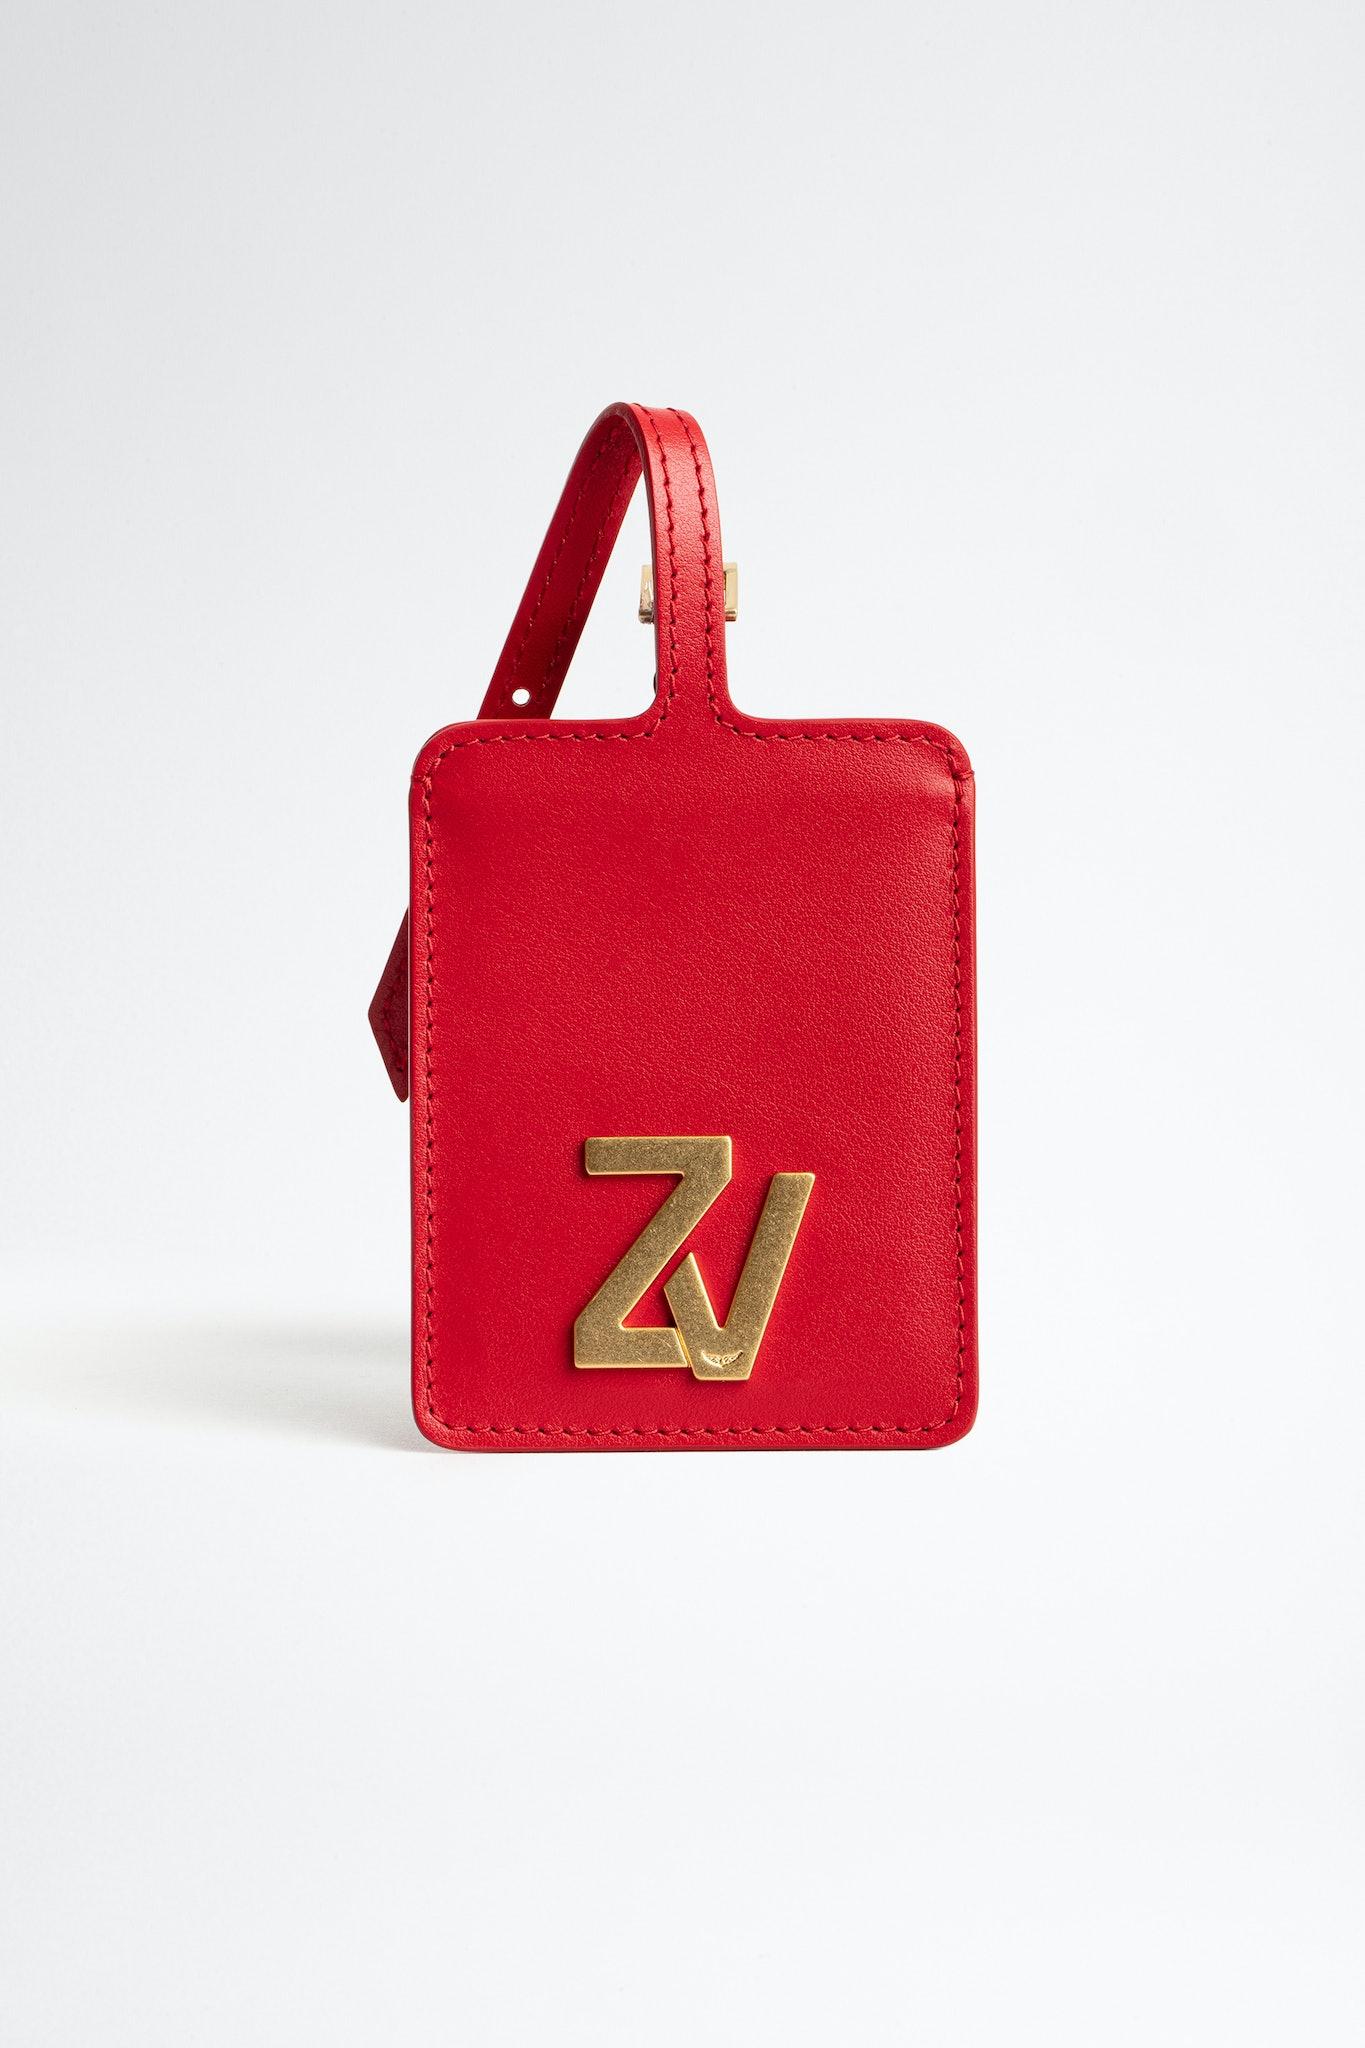 Etichetta per bagagli ZV Initiale Le Luggage